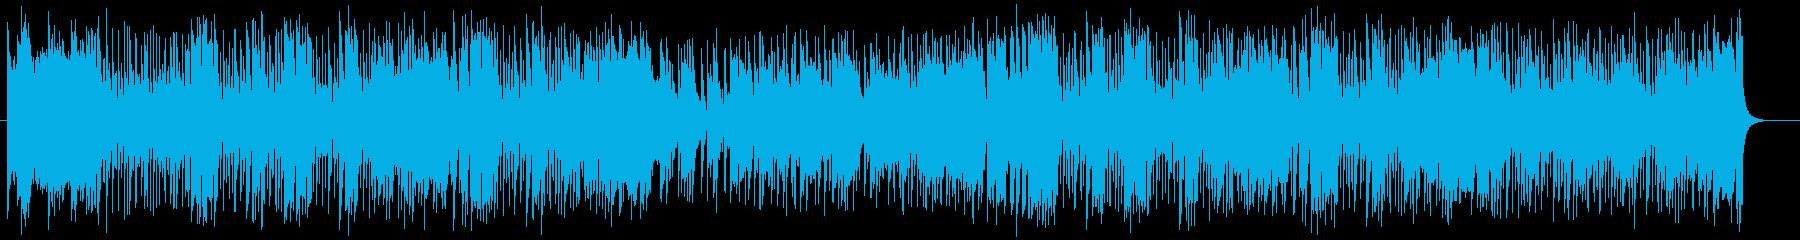 爽やかで激しいガールズポップスの再生済みの波形